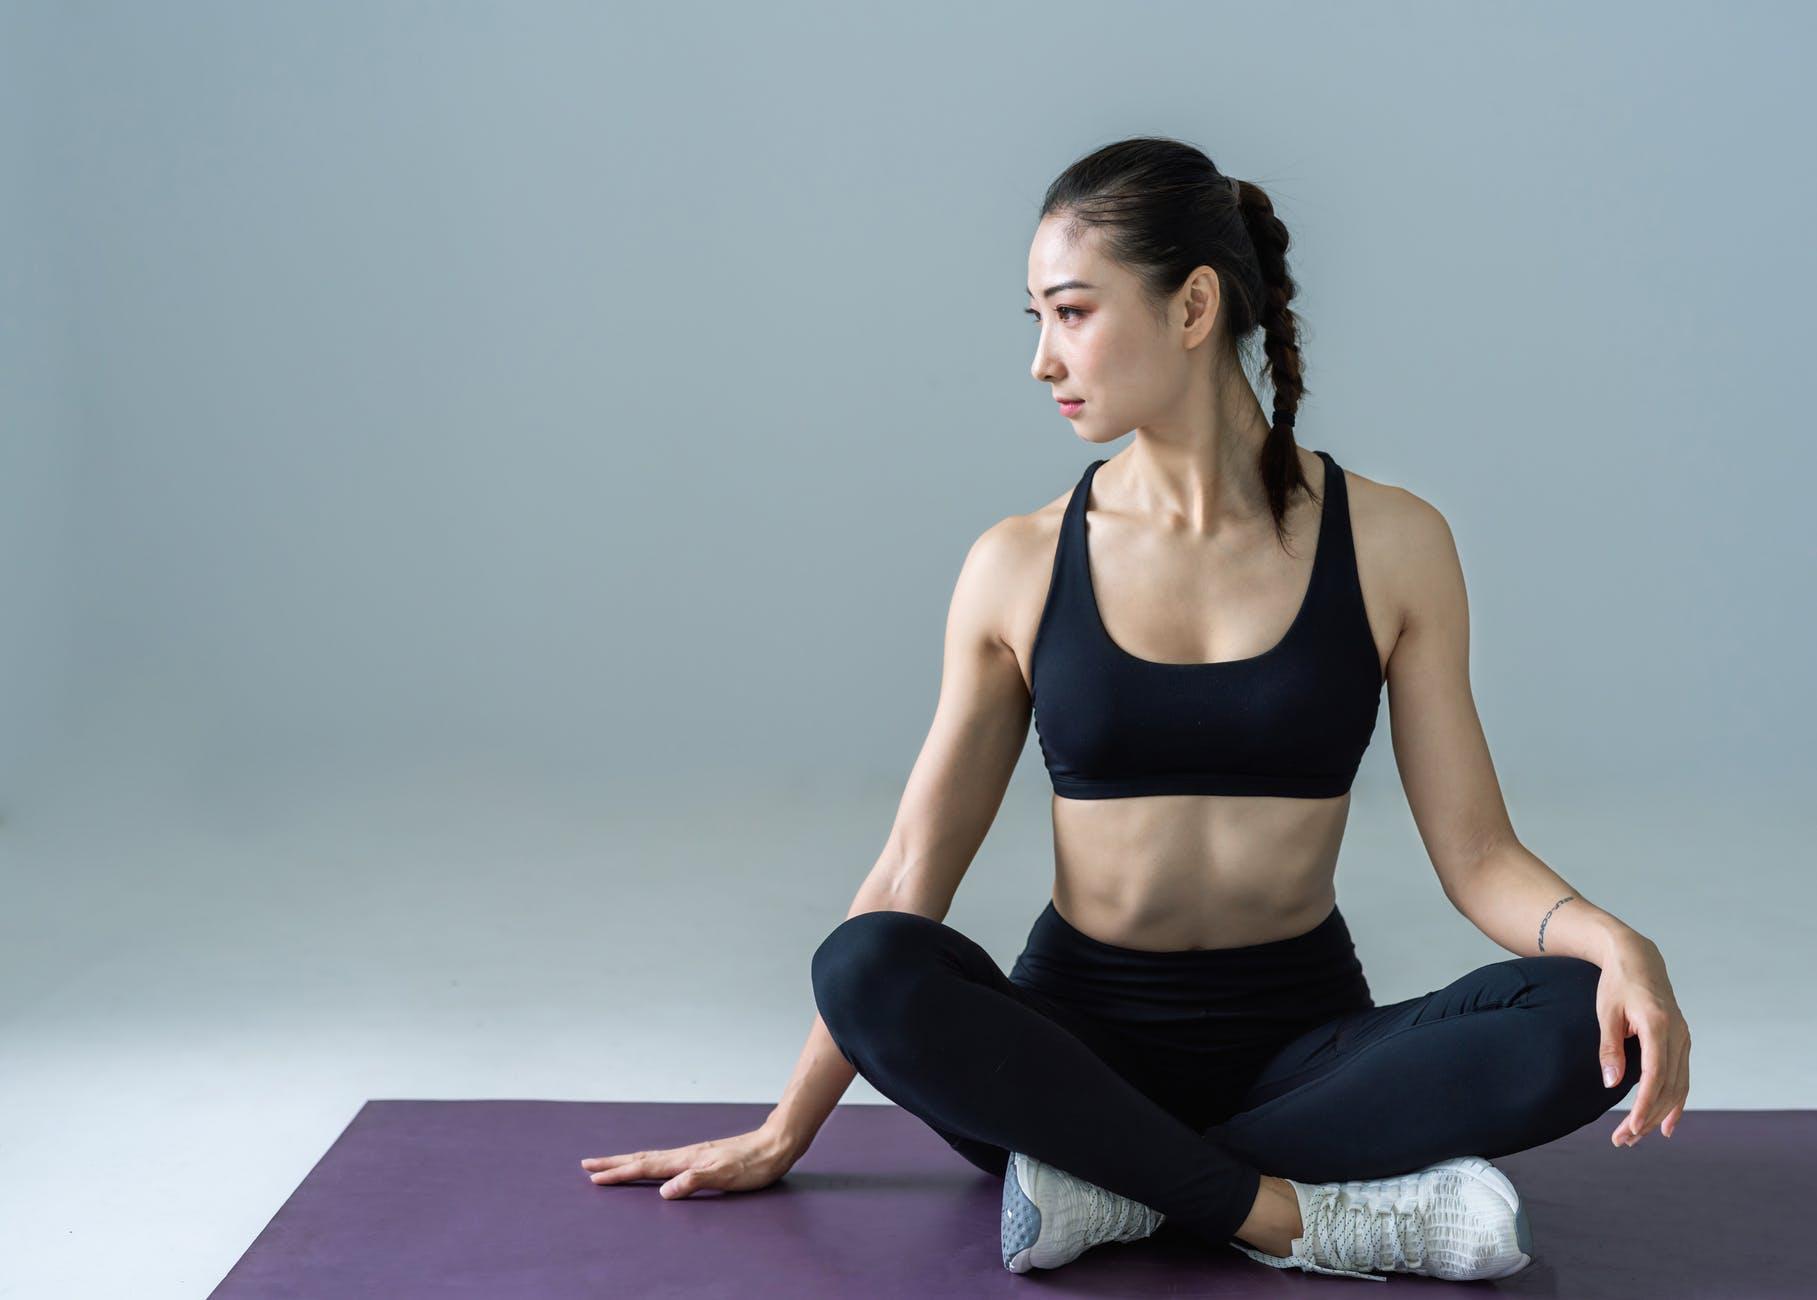 Sai lầm khi tập gym-Cô gái ngồi trên thảm tập.